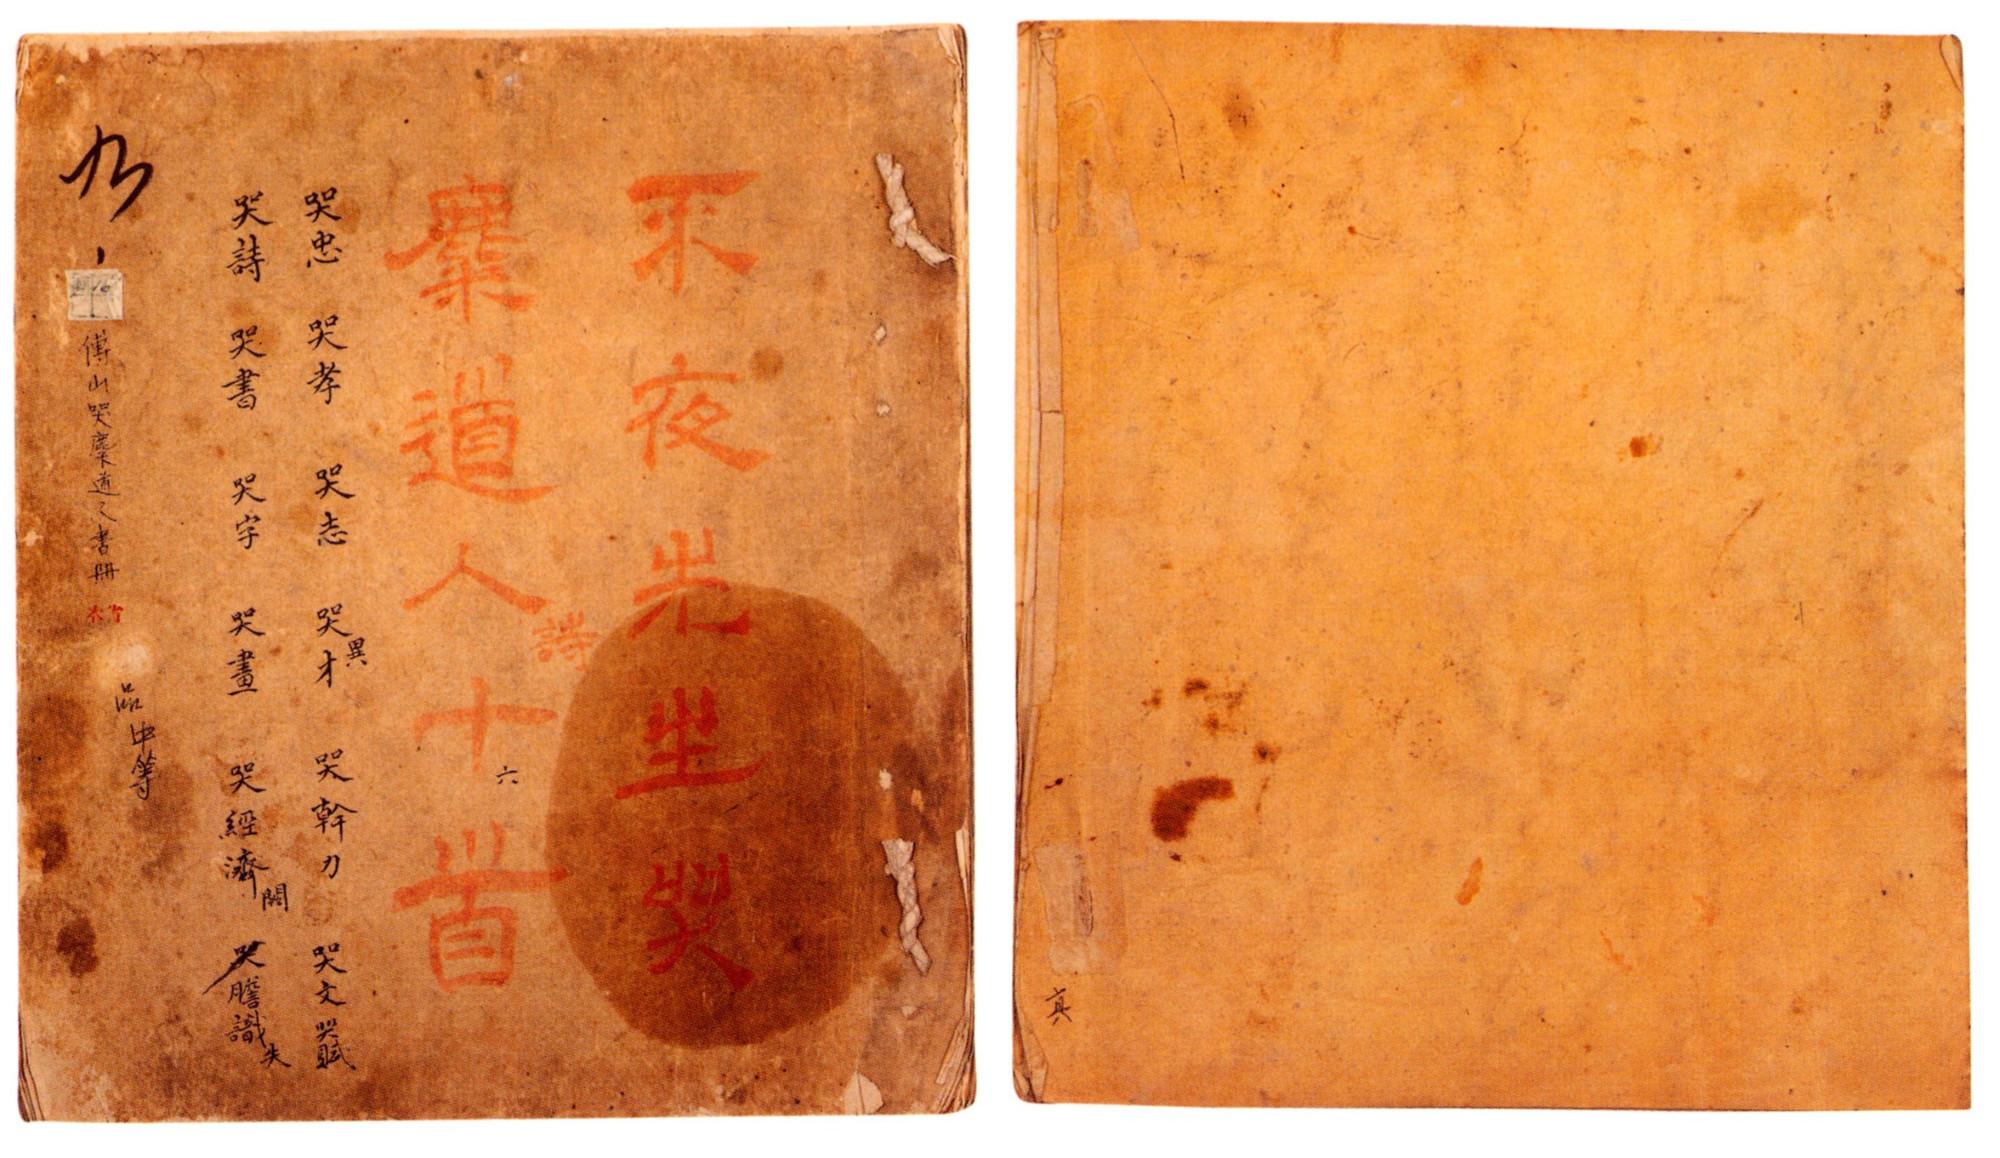 『经典册页』傅山 《哭子诗册》,傅氏最辉煌的草书之一